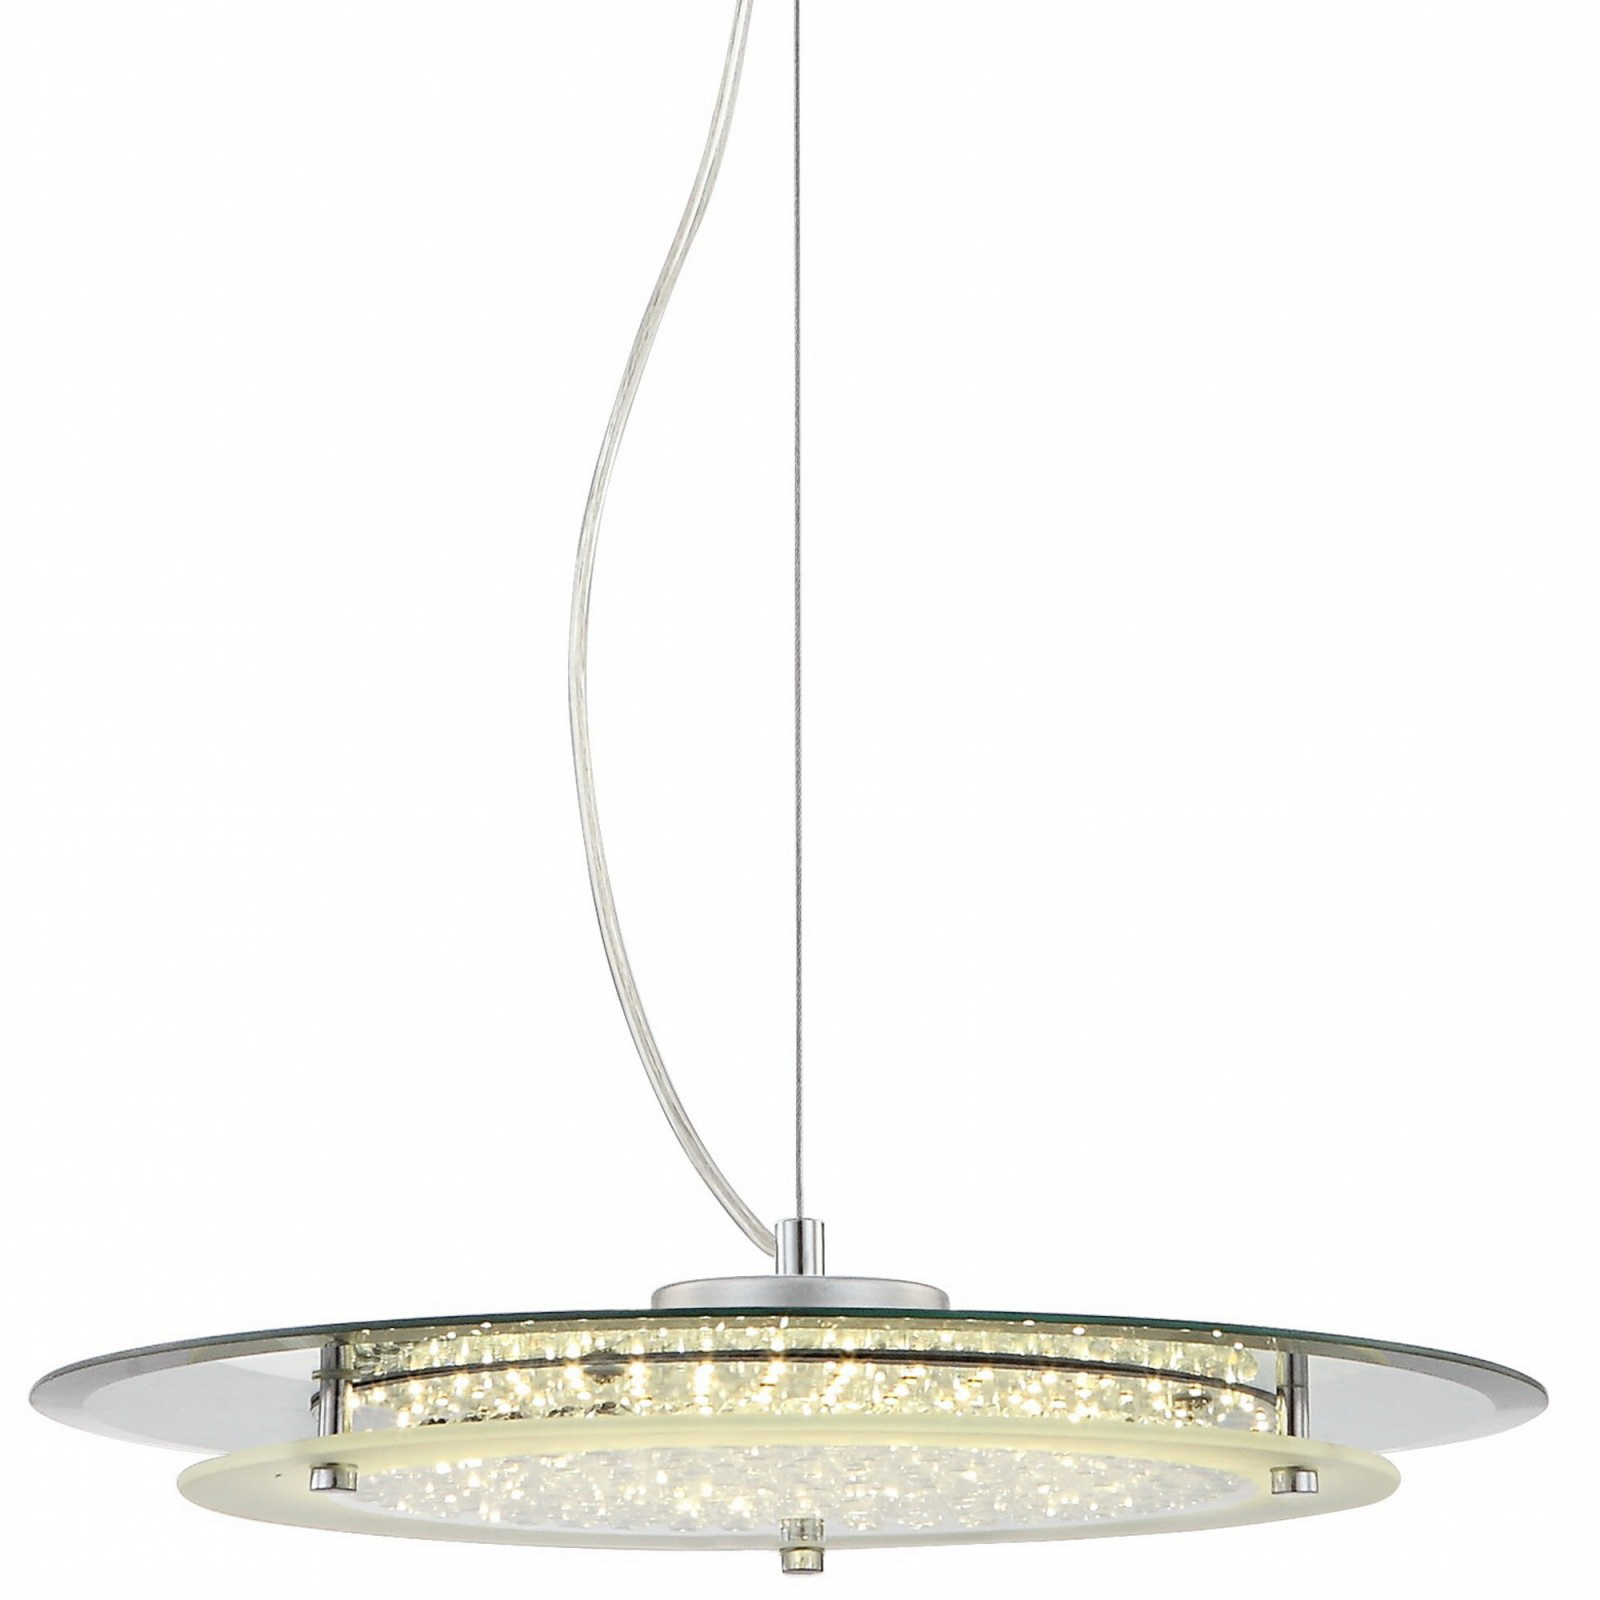 Люстра GloboЛюстры<br>Назначение светильника: для комнаты,<br>Стиль светильника: модерн,<br>Тип: подвесная,<br>Материал светильника: металл, стекло,<br>Материал арматуры: металл,<br>Длина (мм): 1050,<br>Ширина: 360,<br>Высота: 360,<br>Количество ламп: 1,<br>Тип лампы: светодиодная,<br>Мощность: 17,<br>Патрон: LED,<br>Цвет арматуры: серебро<br>